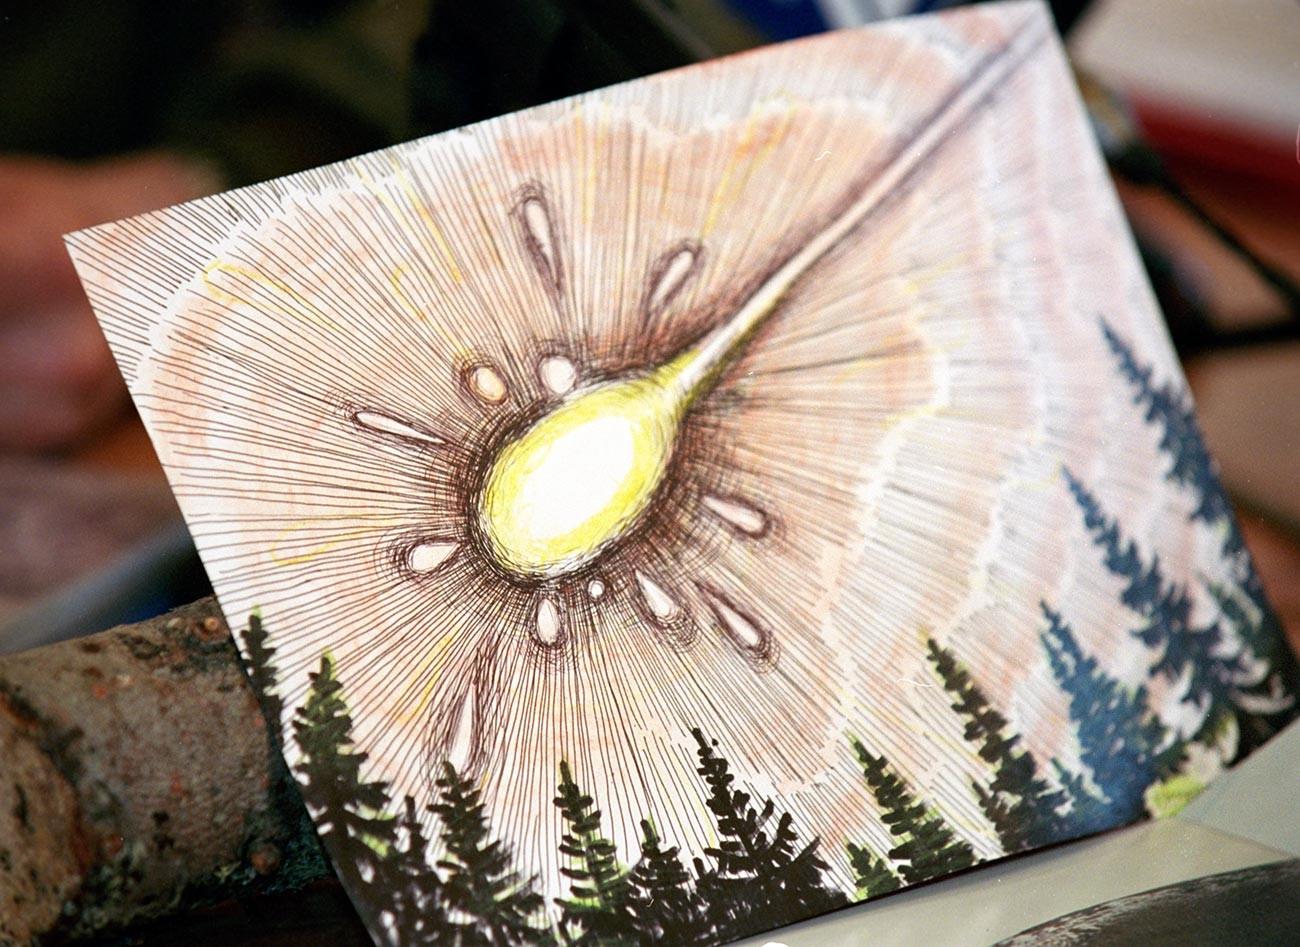 証人が描いたヴィチムスキー隕石の落下瞬間